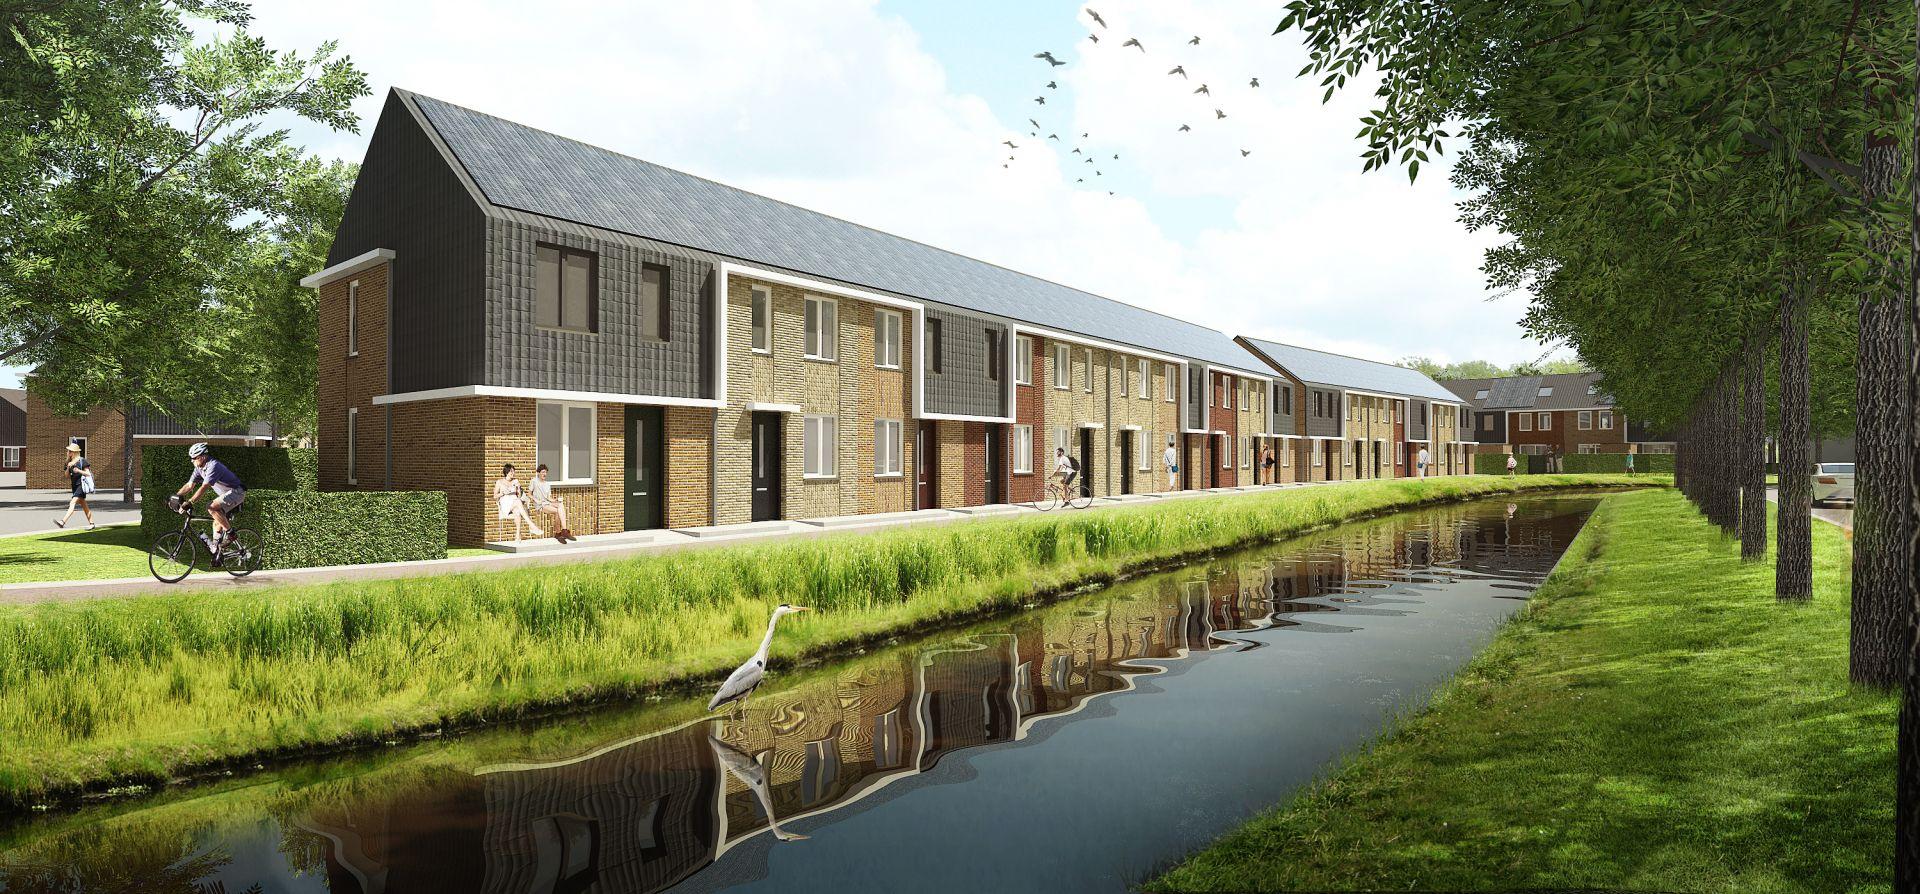 Rijswijk wonen realiseert 24 sociale huurwoningen in for Huurwoningen